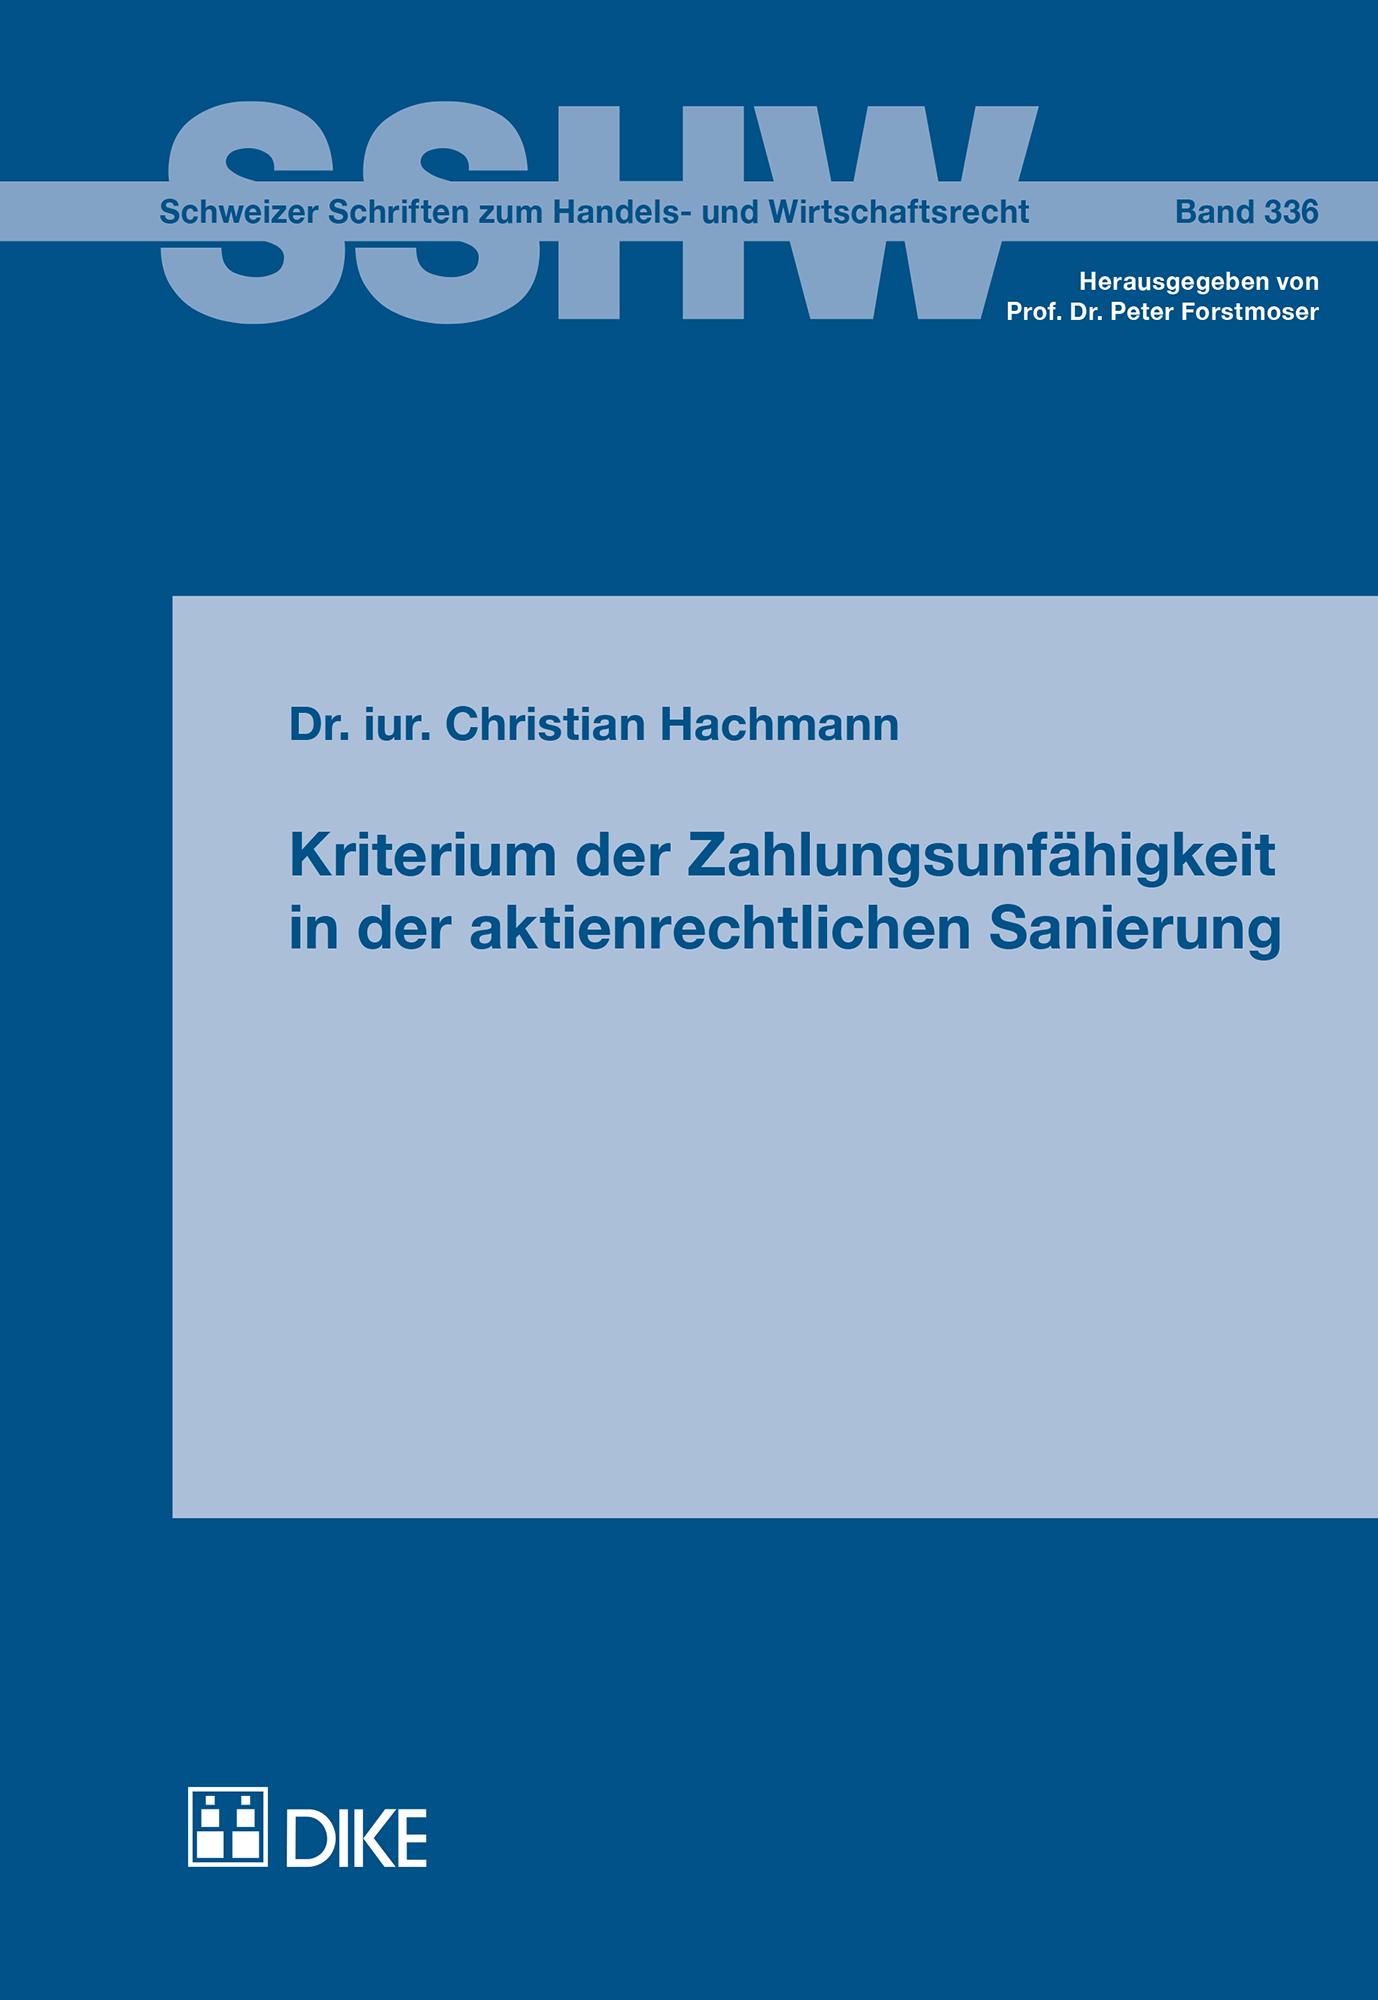 Kriterium der Zahlungsunfähigkeit in der aktienrechtlichen Sanierung